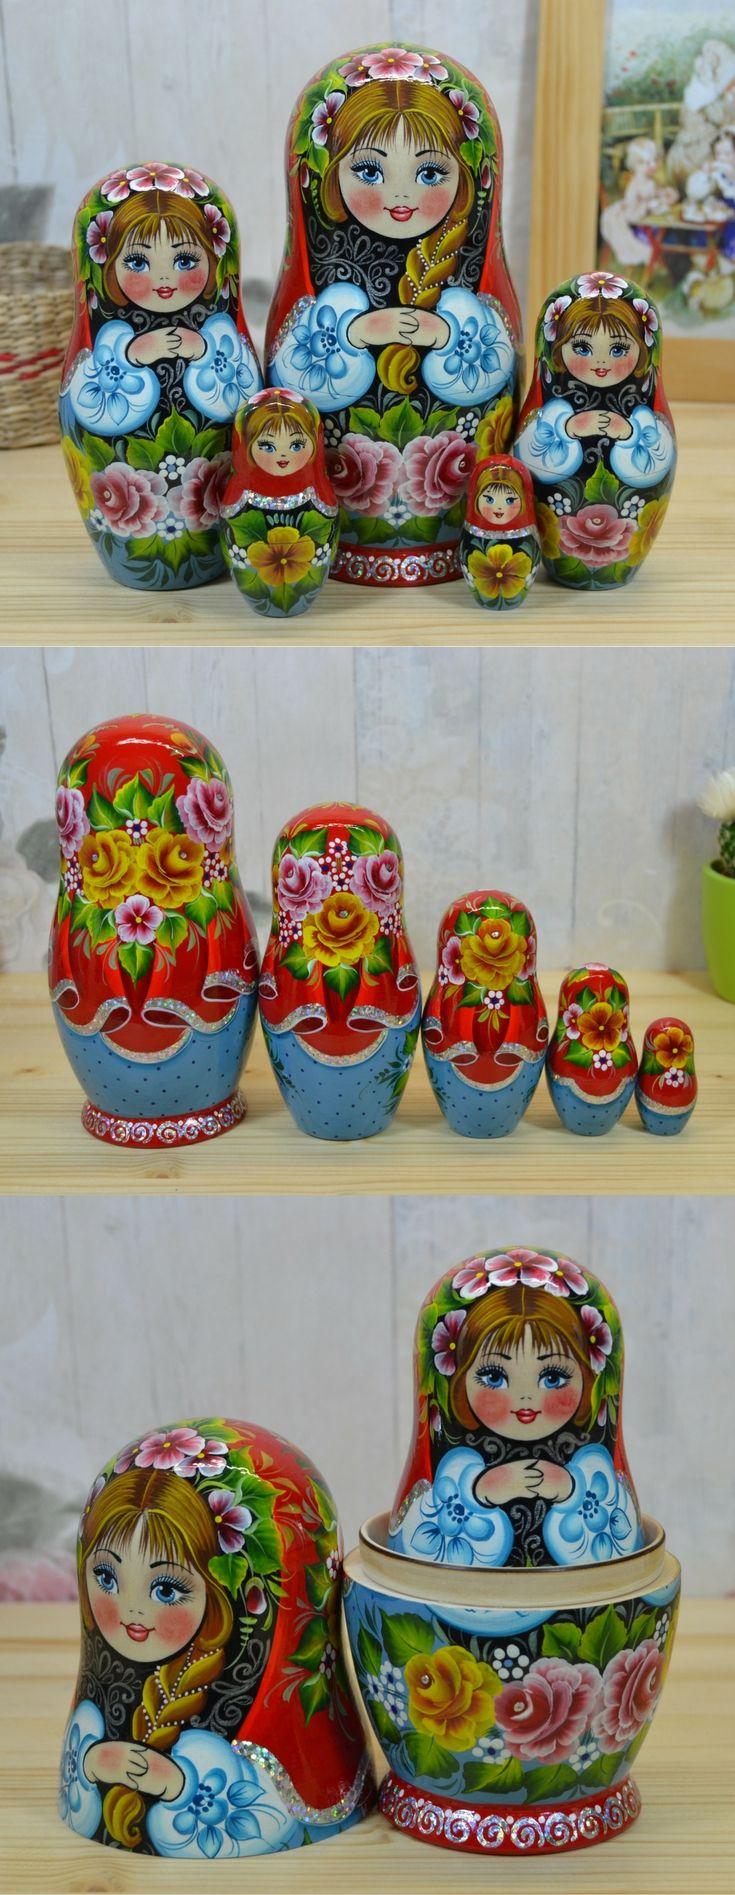 Babushka doll hand painted by artist Valentina Partanen, more lovely russian nesting dolls at: www.bestrussiandolls.etsy.com